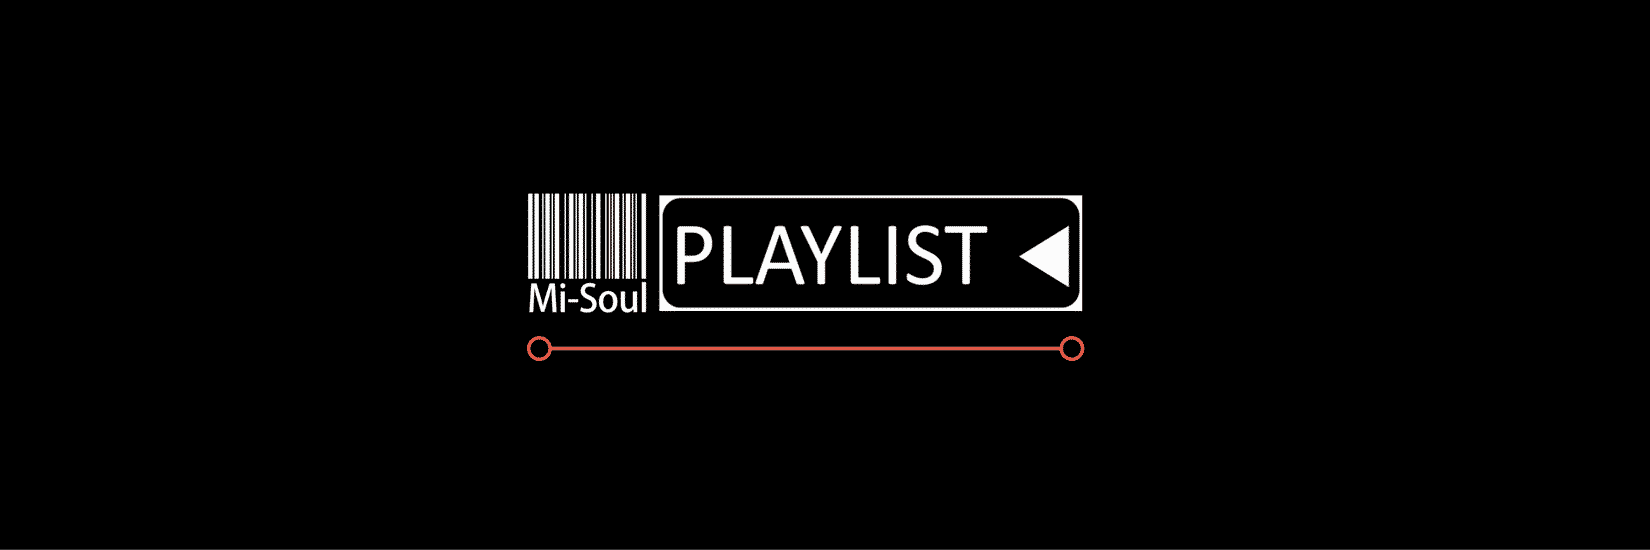 mi-soul radio playilst